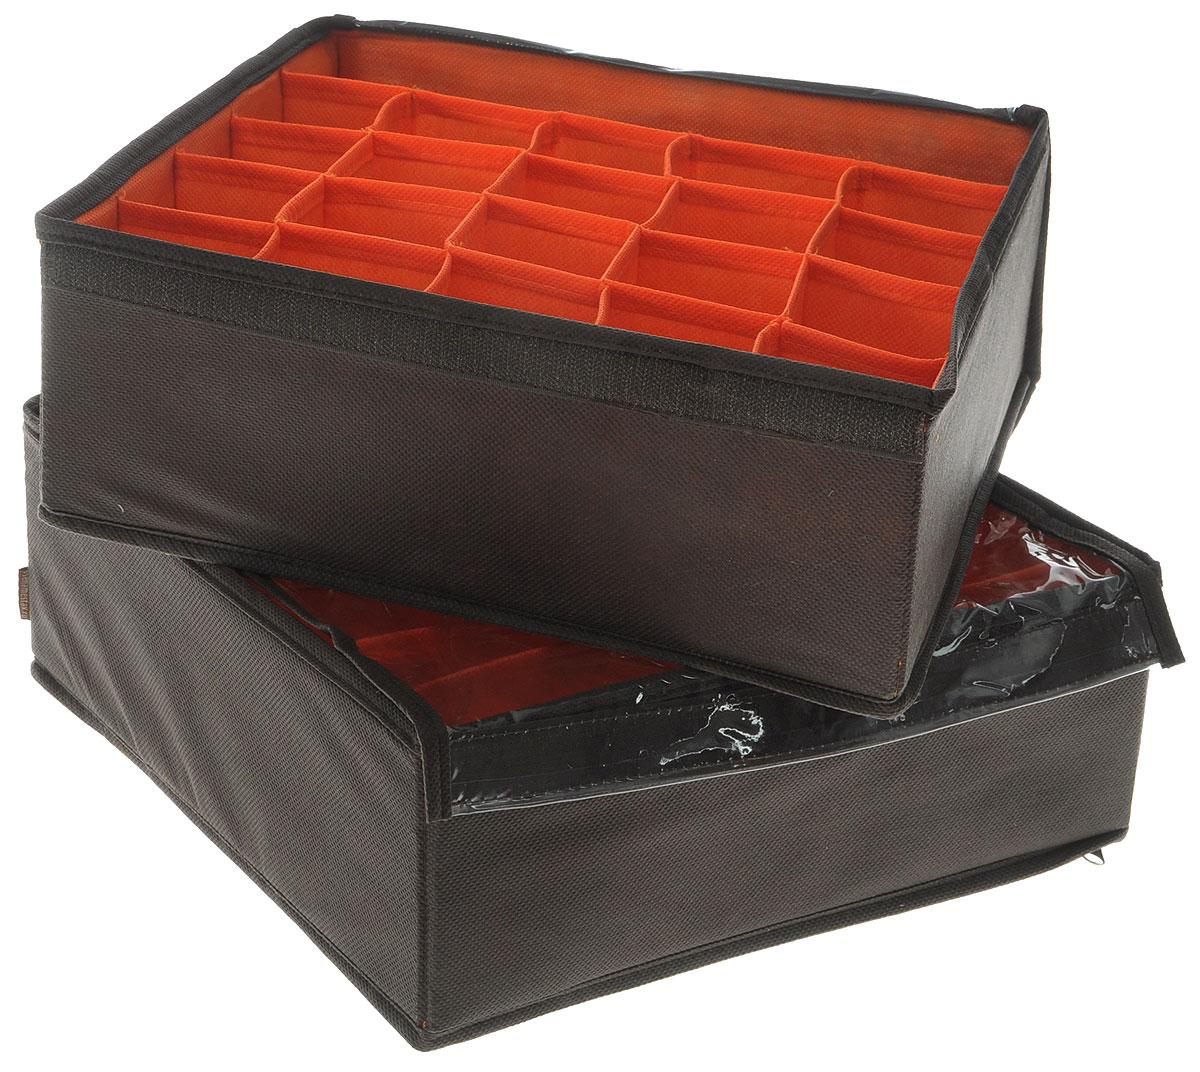 Набор органайзеров для белья Все на местах Классика, с крышкой, цвет: коричневый, оранжевый, 2 предмета1009015Набор состоит из двух органайзеров для хранения косметики и аксессуаров, а также белья. Изделия выполнены из высококачественного нетканого материала (спанбонда), который обеспечивает естественную вентиляцию, позволяя воздуху проникать внутрь, но не пропускает пыль. Вставки из ПВХ хорошо держат форму. Набор органайзеров поможет привести элементы женского туалета или белья в порядок. Оригинальный дизайн придется по вкусу ценительницам эстетичного хранения. Размер органайзеров: 32 см х 32 см х 11 см.